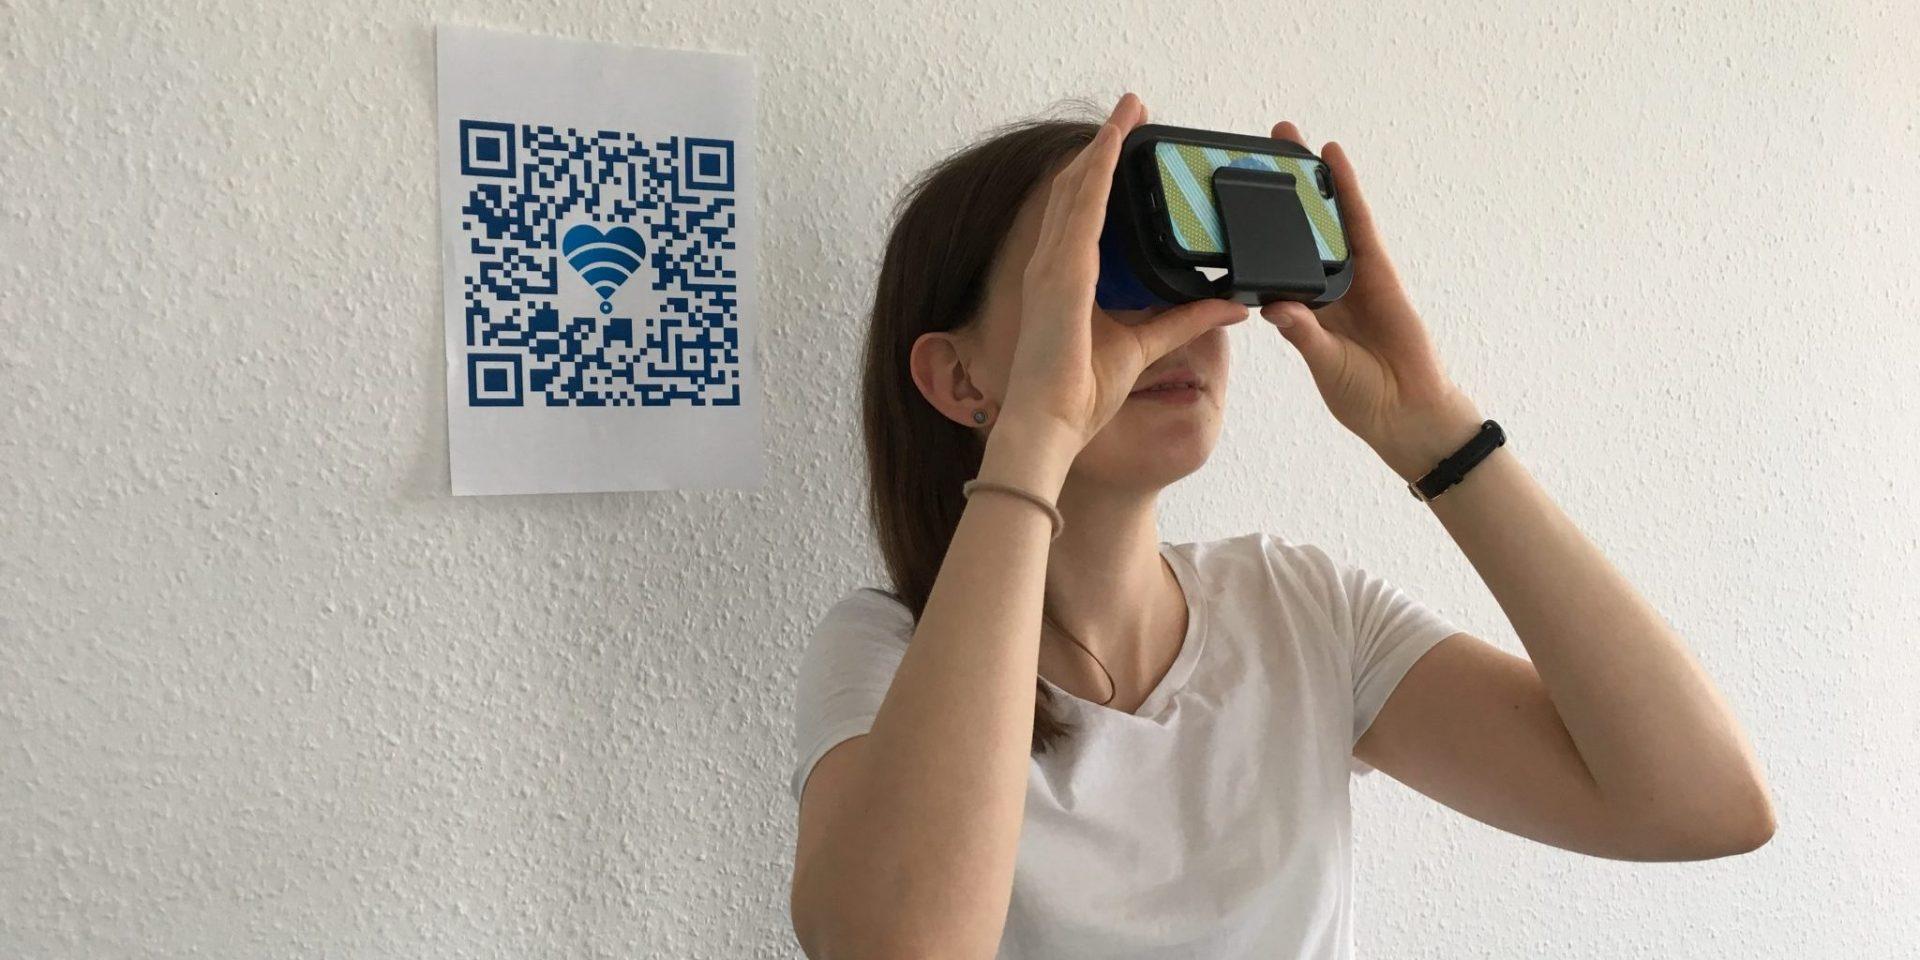 Eine Frau schaut mithilfe eines Cardboards etwas an. Neben ihr an der Wand ist ein QR-Code angebracht.